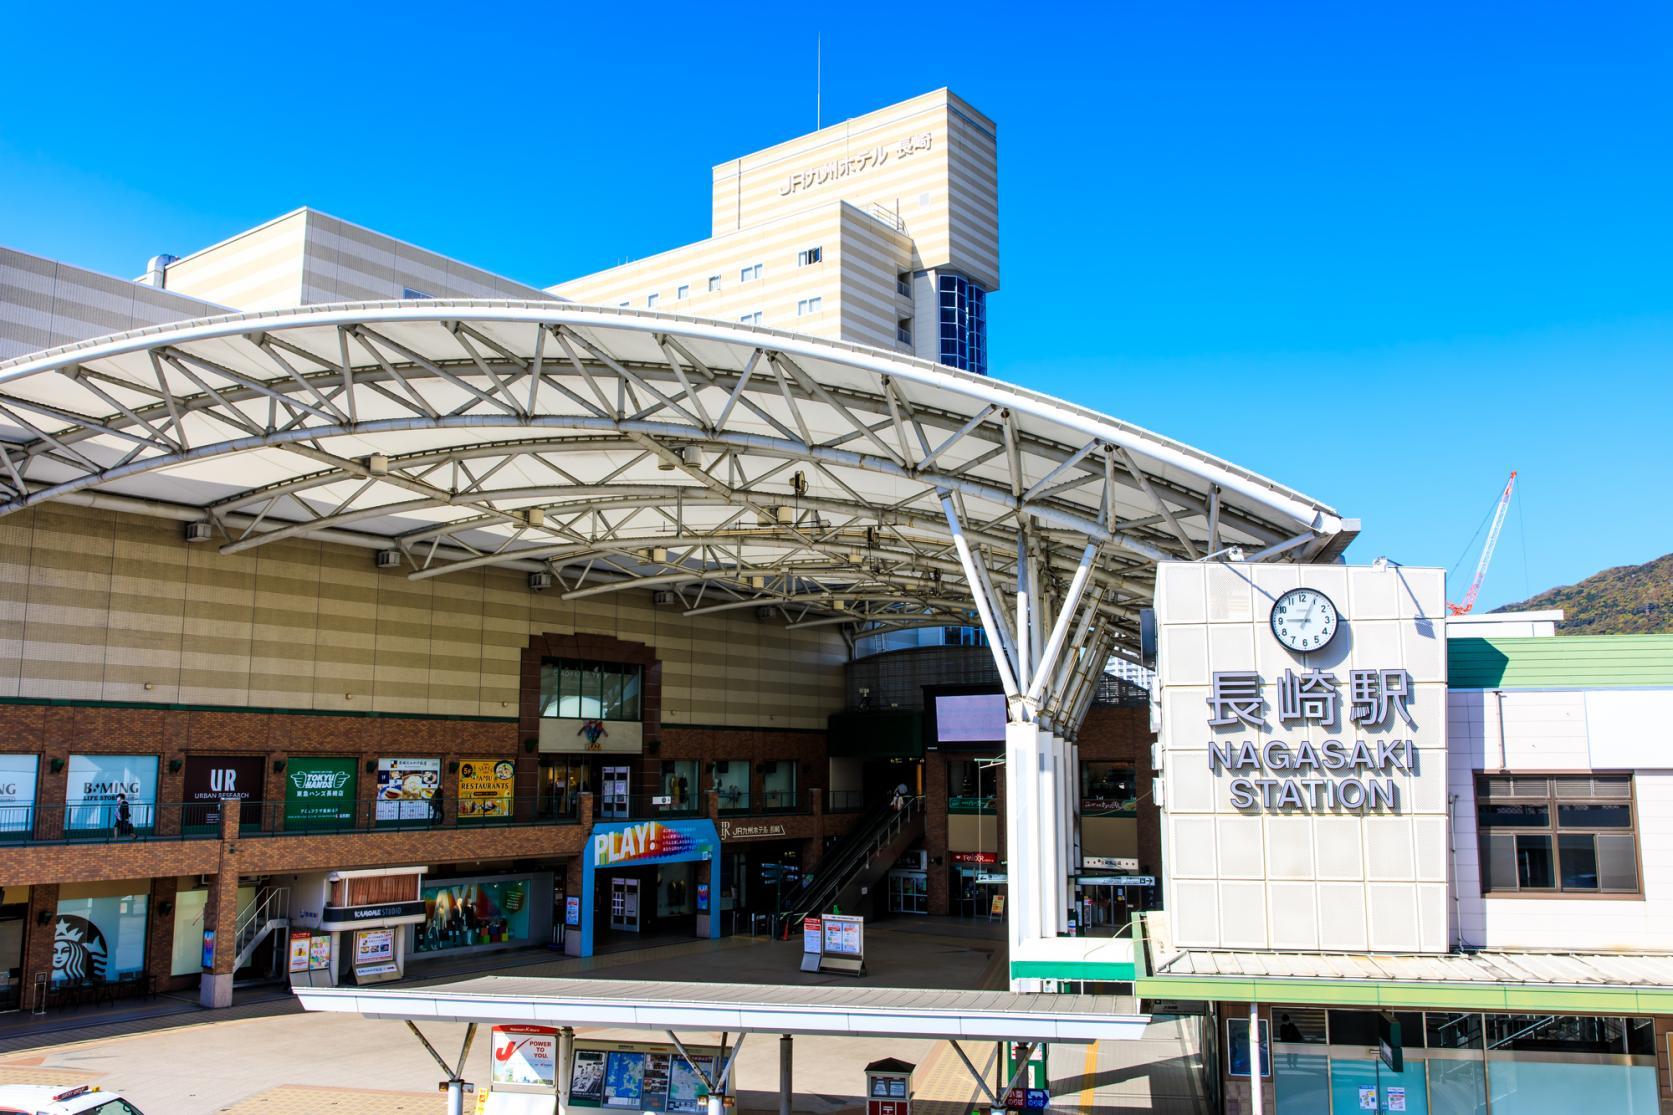 Nagasaki Station-1